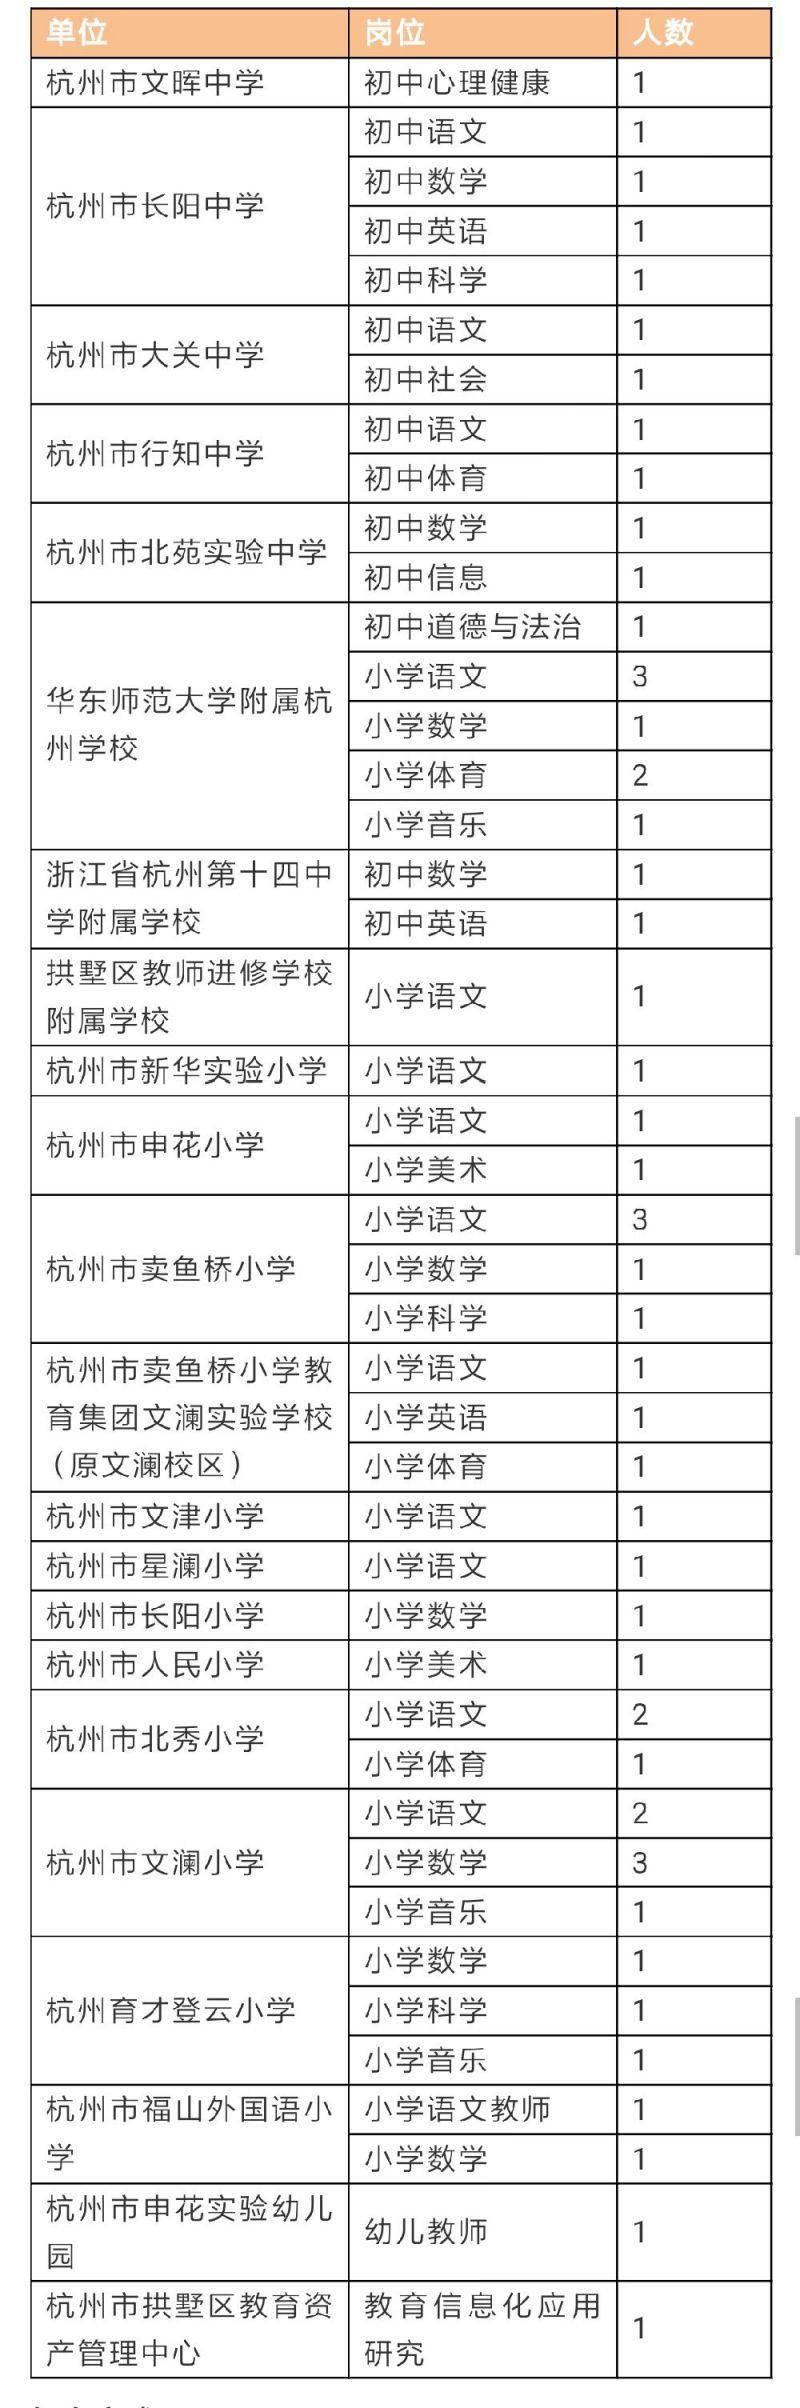 2019杭州机关事业单位招聘信息汇总(持续更新)